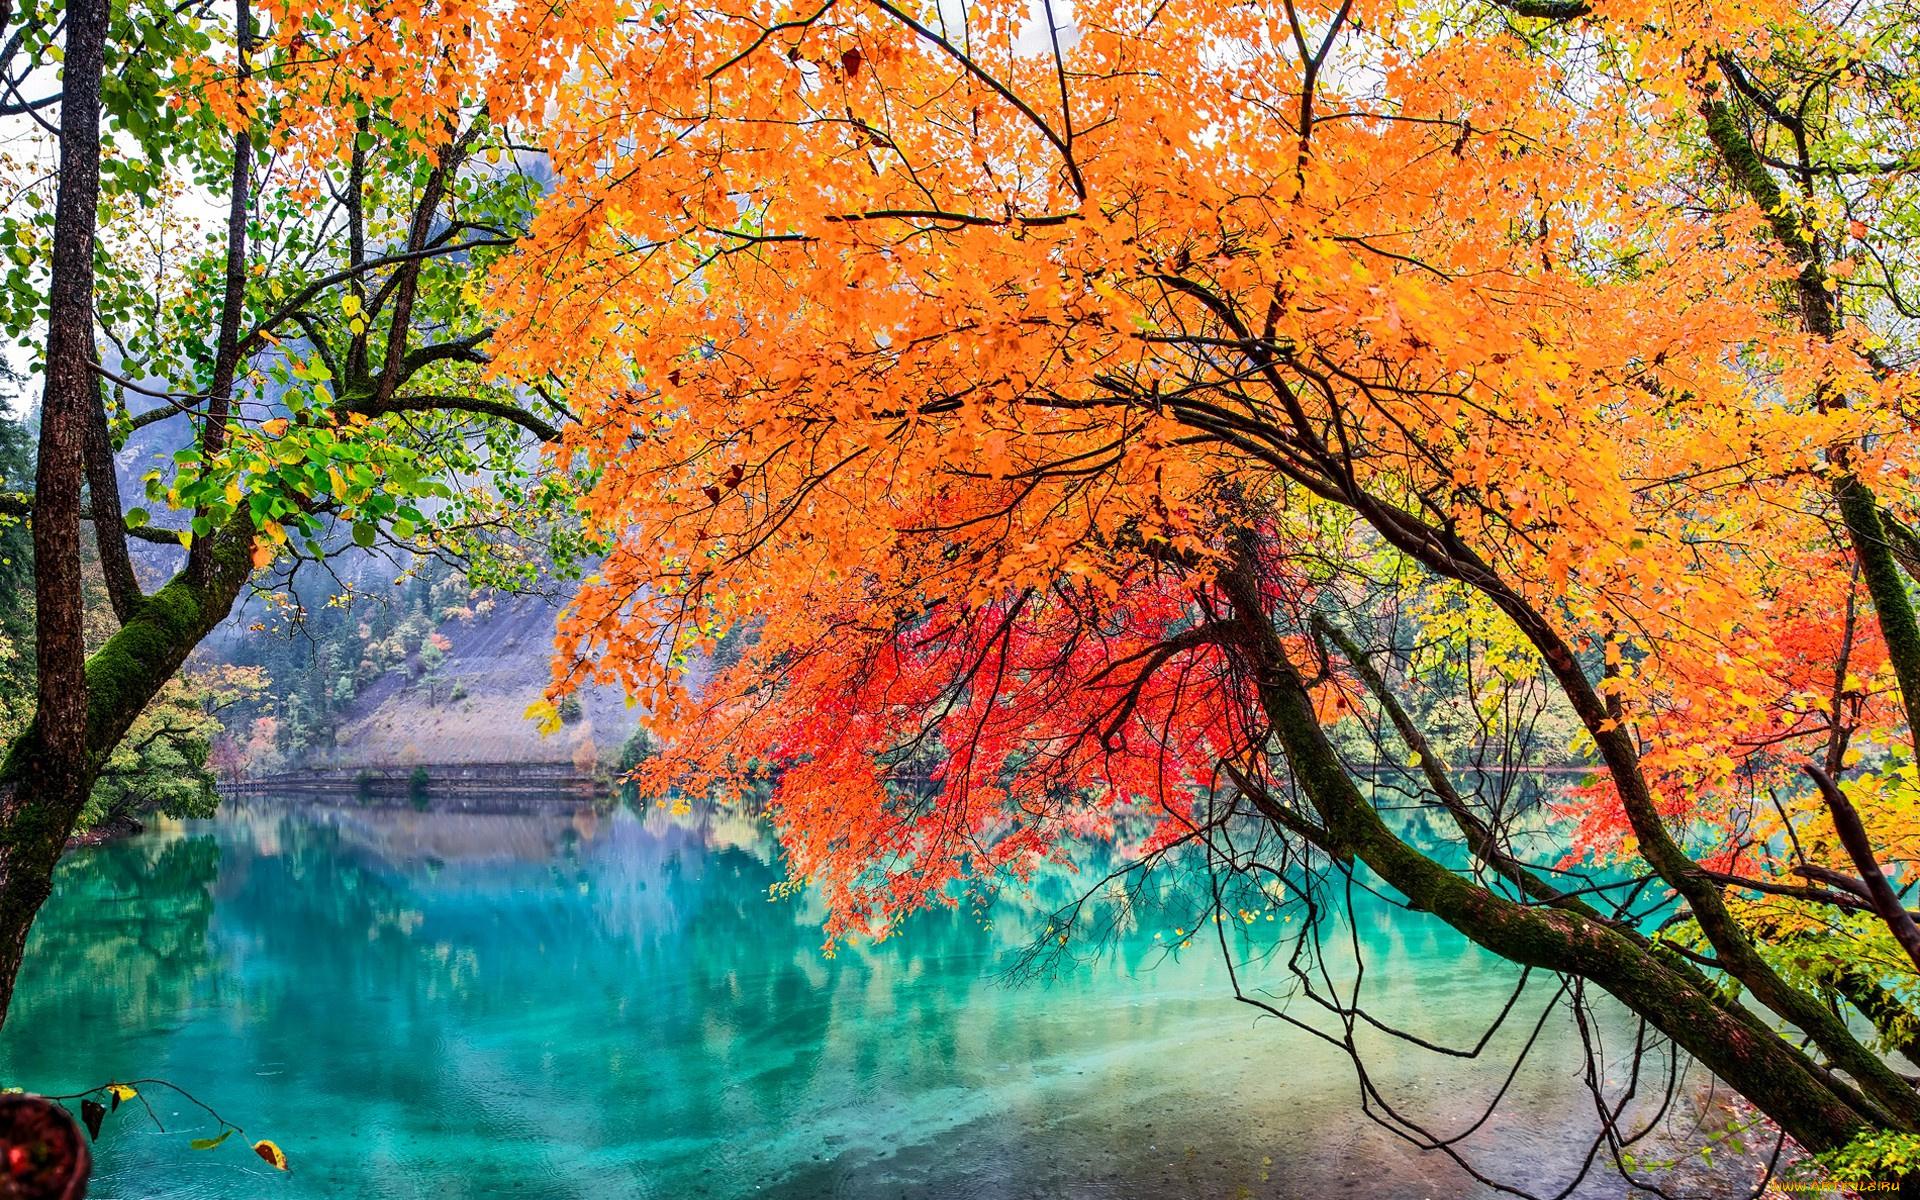 Межсезонье между Летом и Осенью 2021 года - начало Межсезонья по китайскому календарю